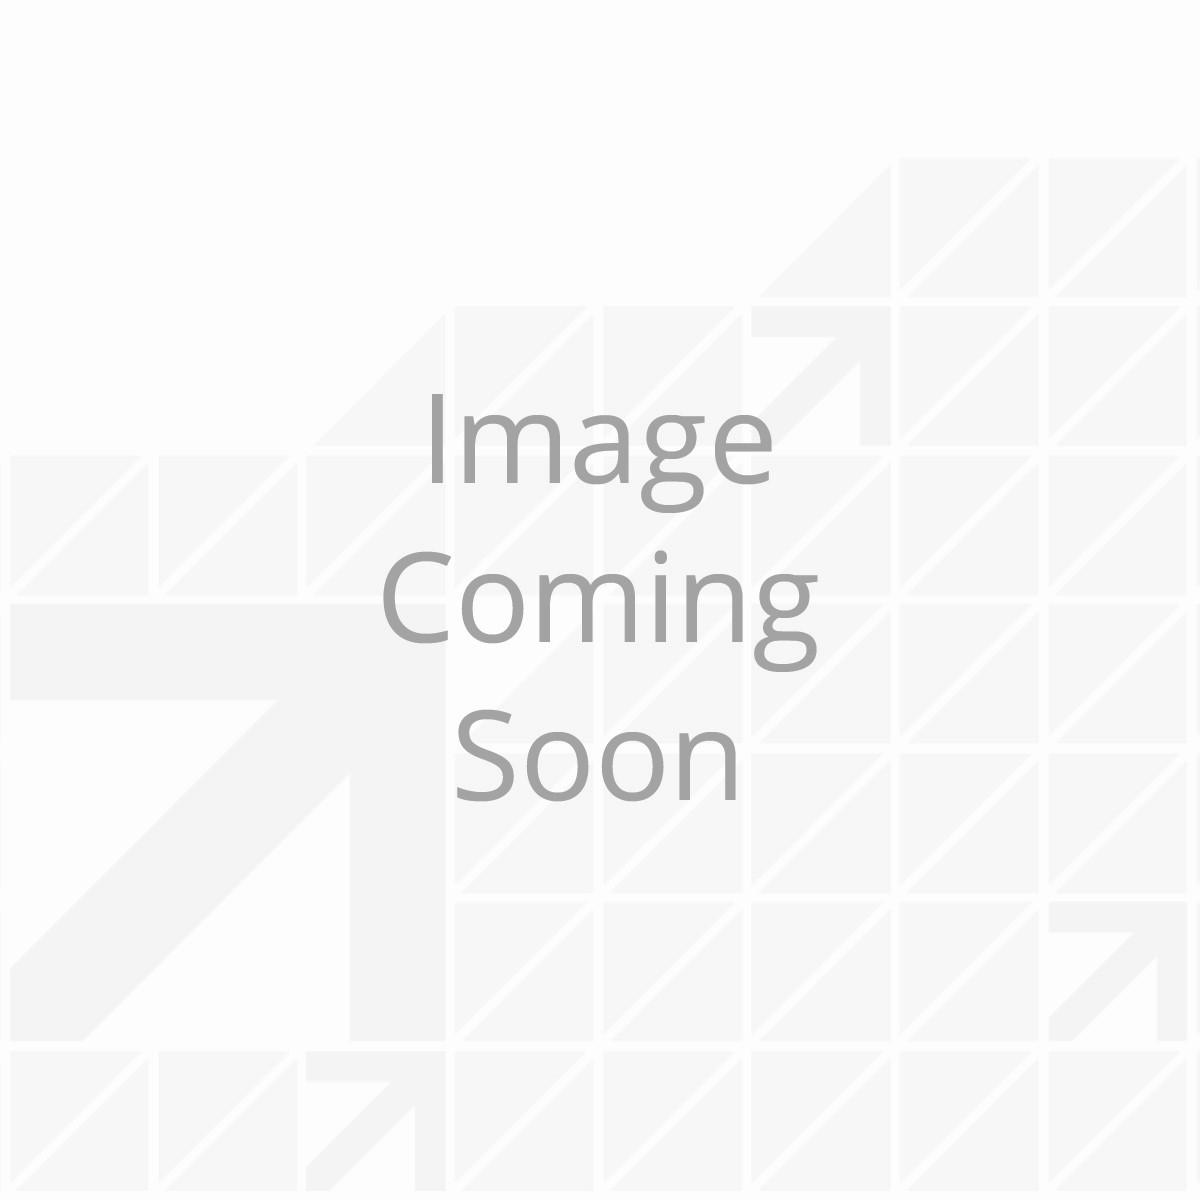 173229_Axle-Service-Kit_001